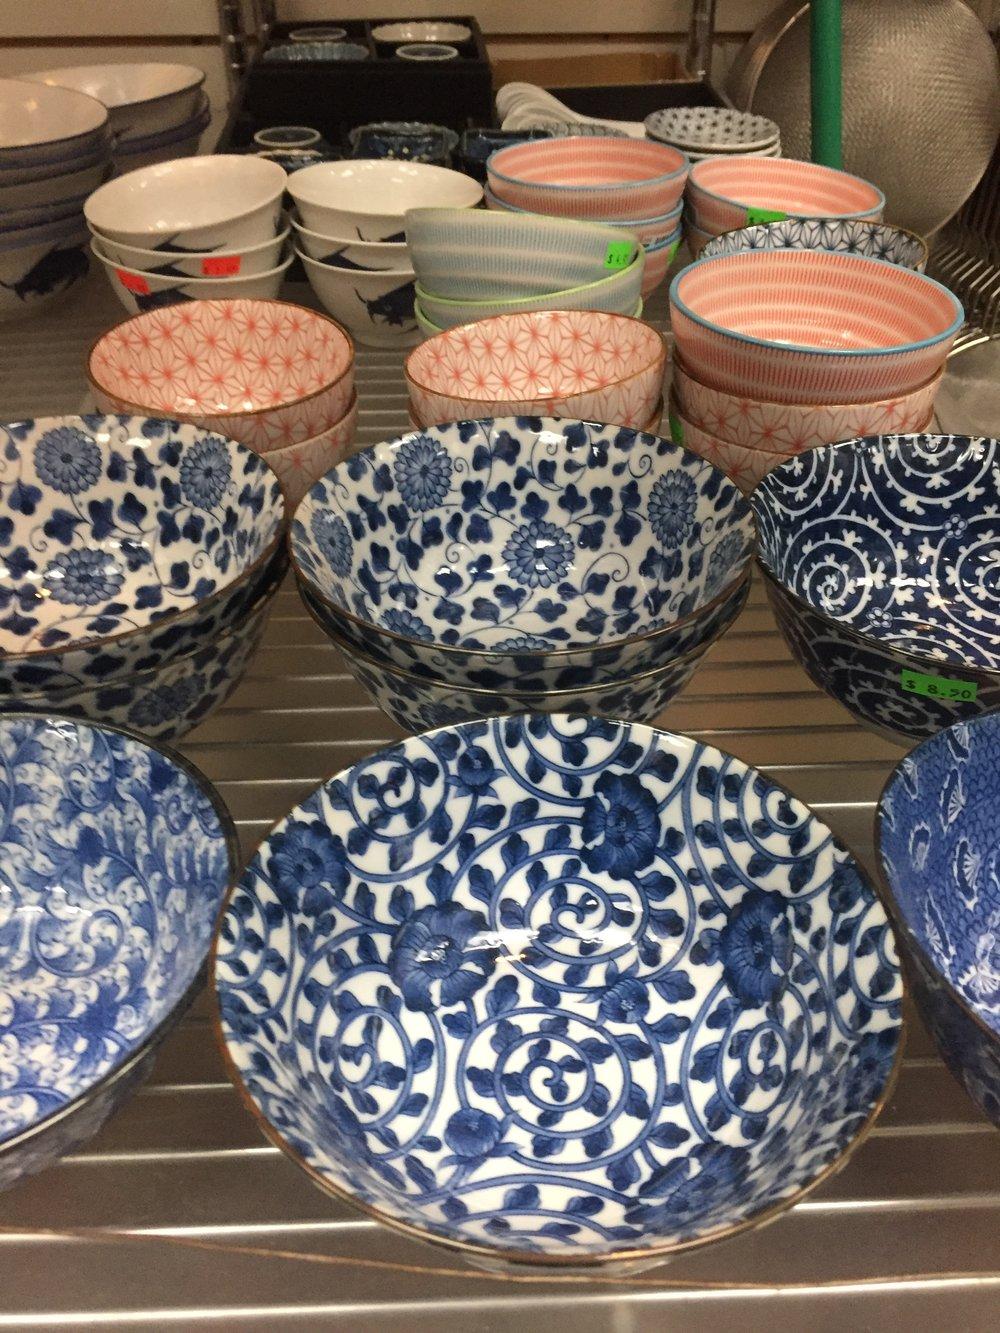 chinatown-restaurant-supplies-bulk-finds